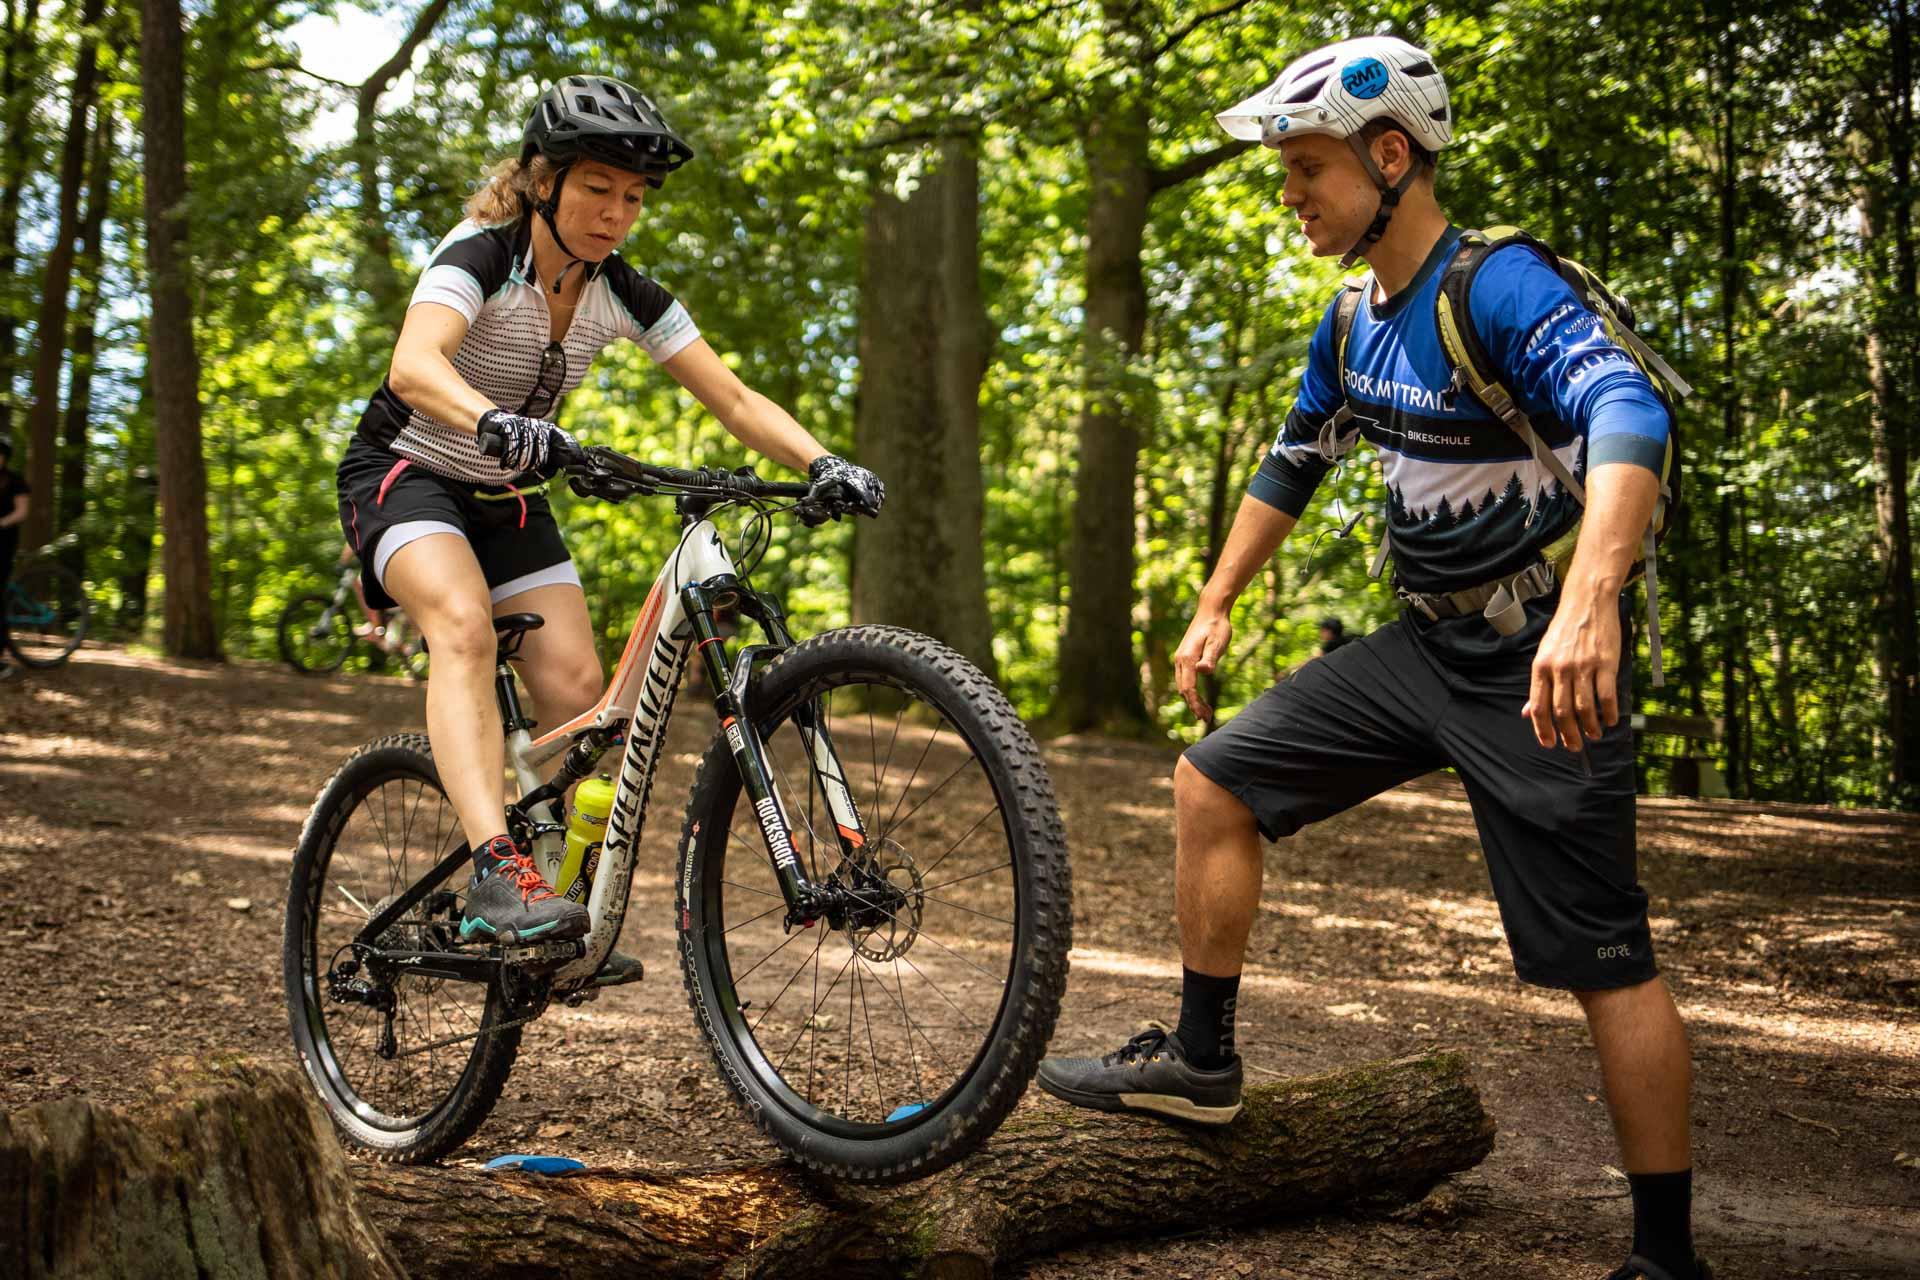 MTB Fahrtechnik Kurs für Einsteiger in Moers - Mountainbike Basic - Rock my Trail Bikeschule - 28